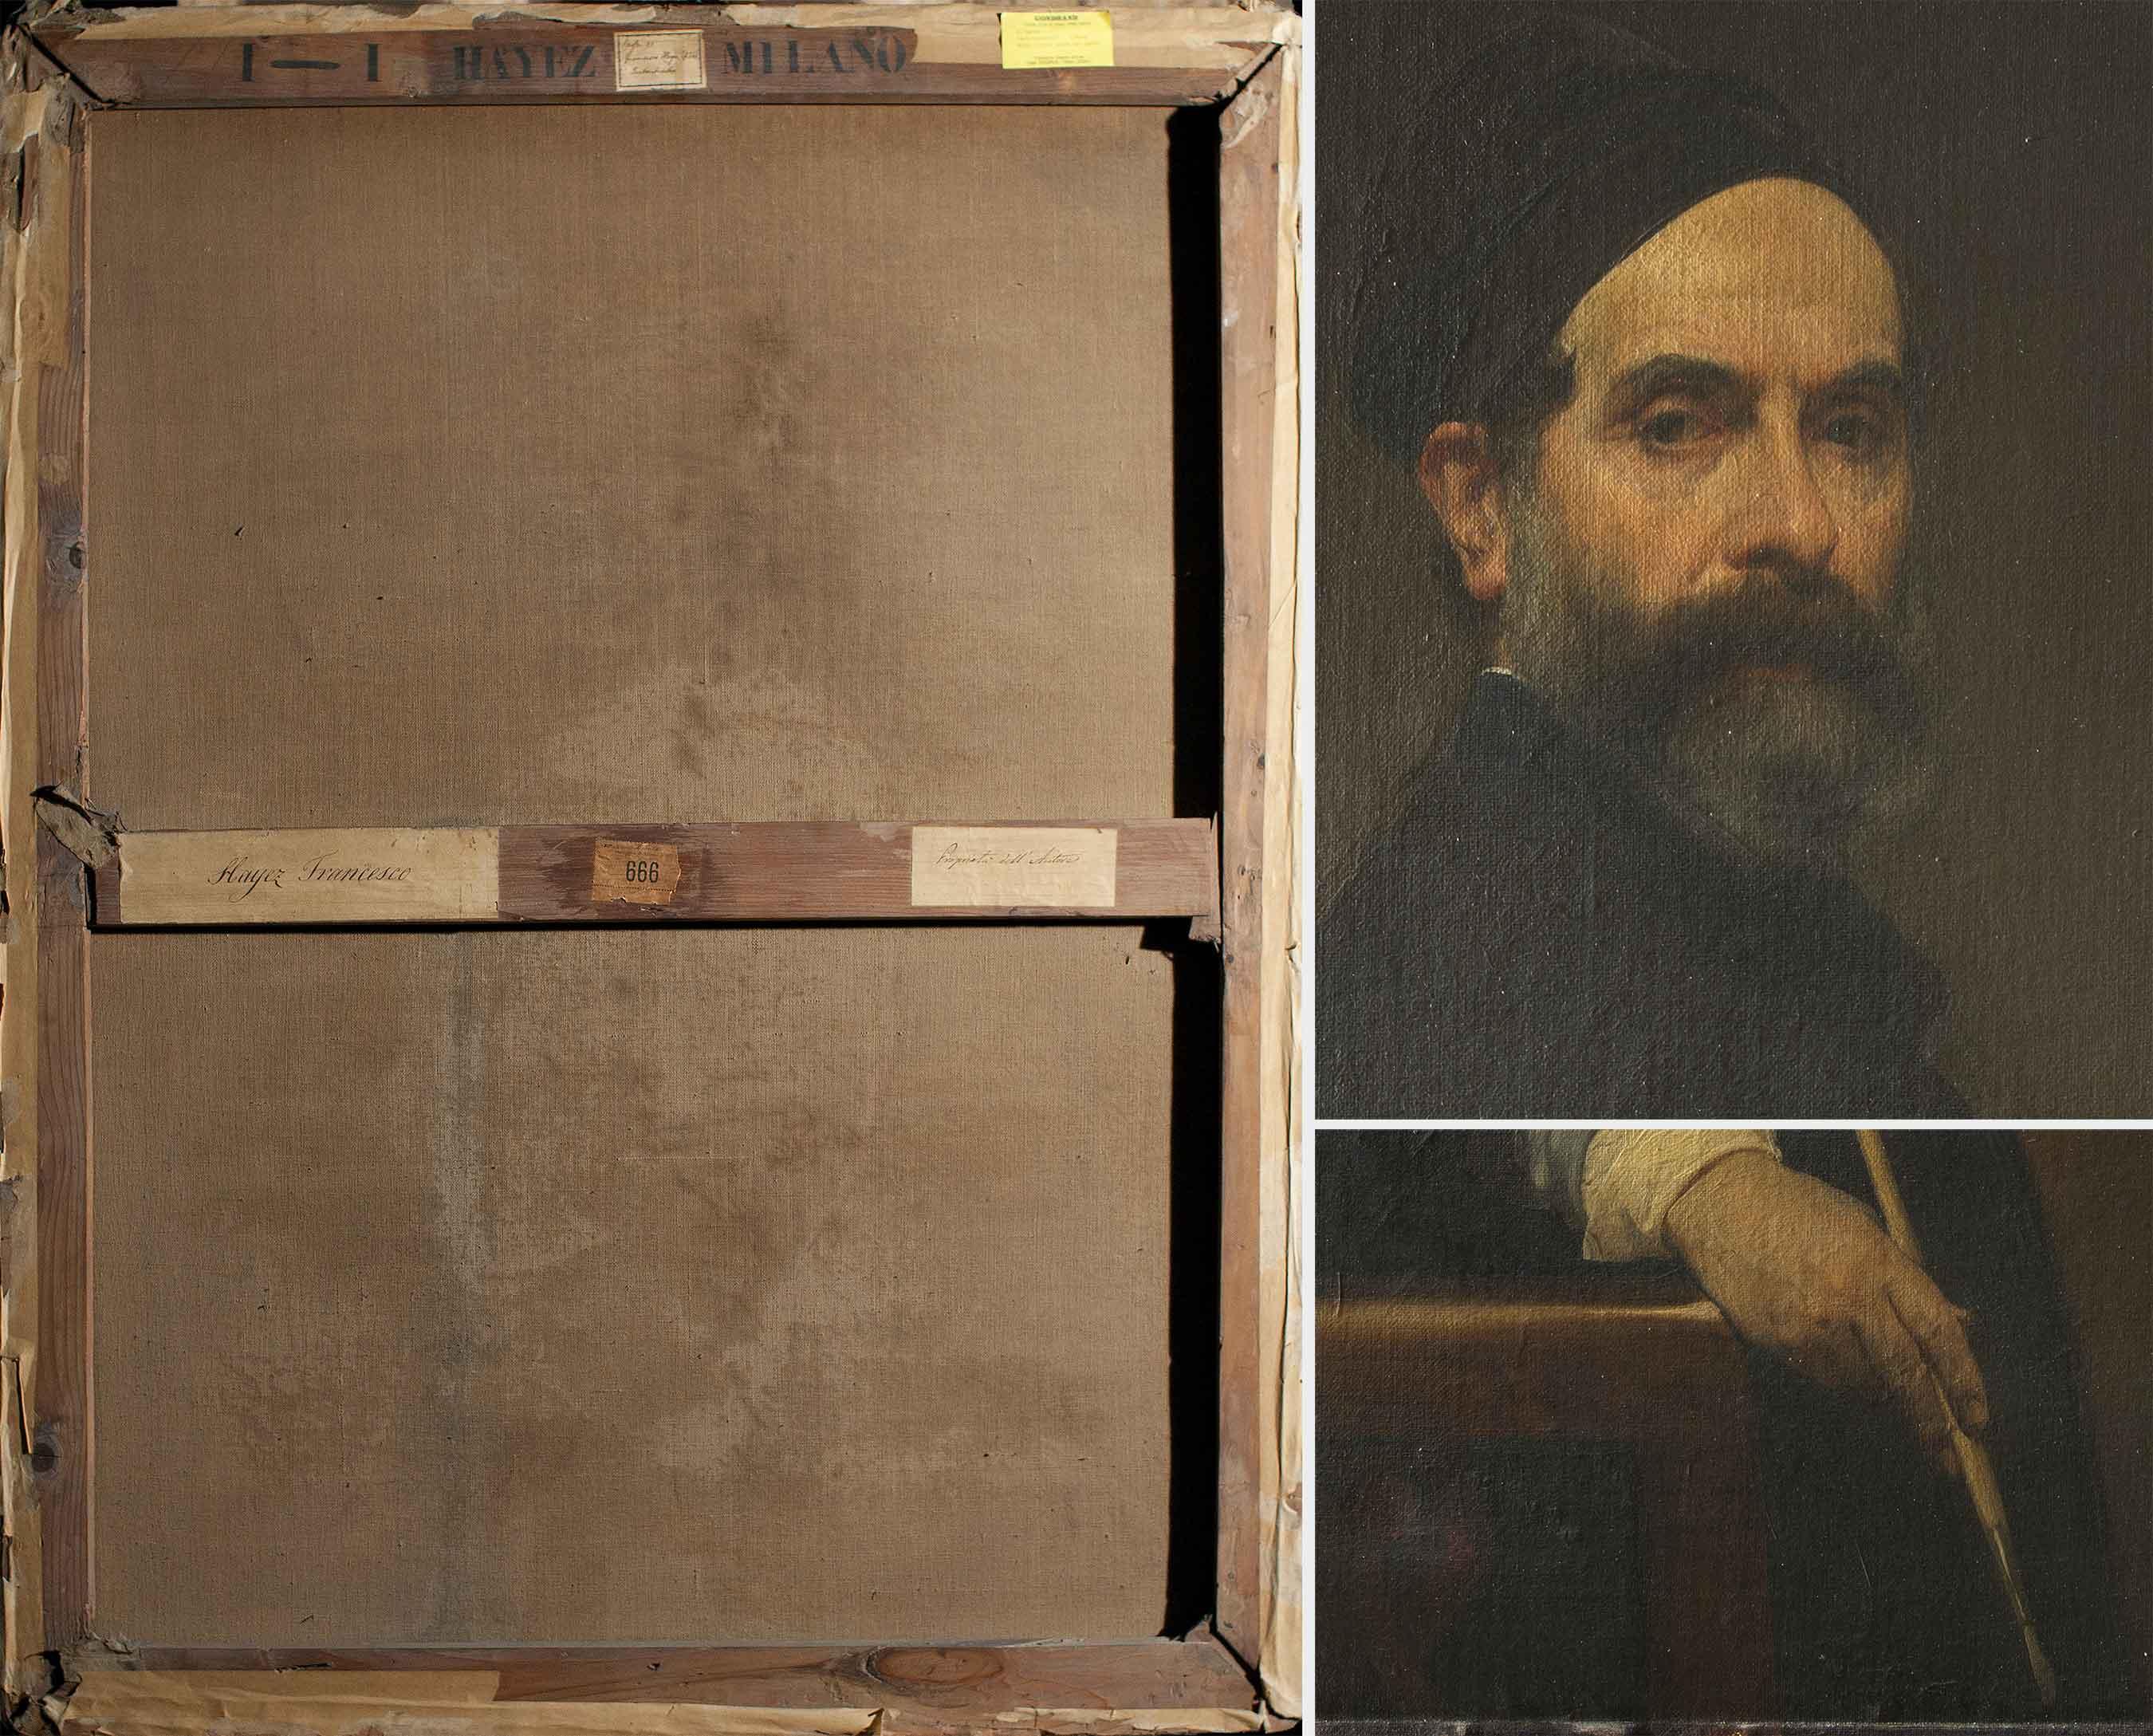 A sinistra, verso del dipinto (fig. 5); a destra dall'alto, particolare del volto, si evidenzia la stesura pittorica (fig. 6); particolare del margine inferiore del dipinto (fig. 7).